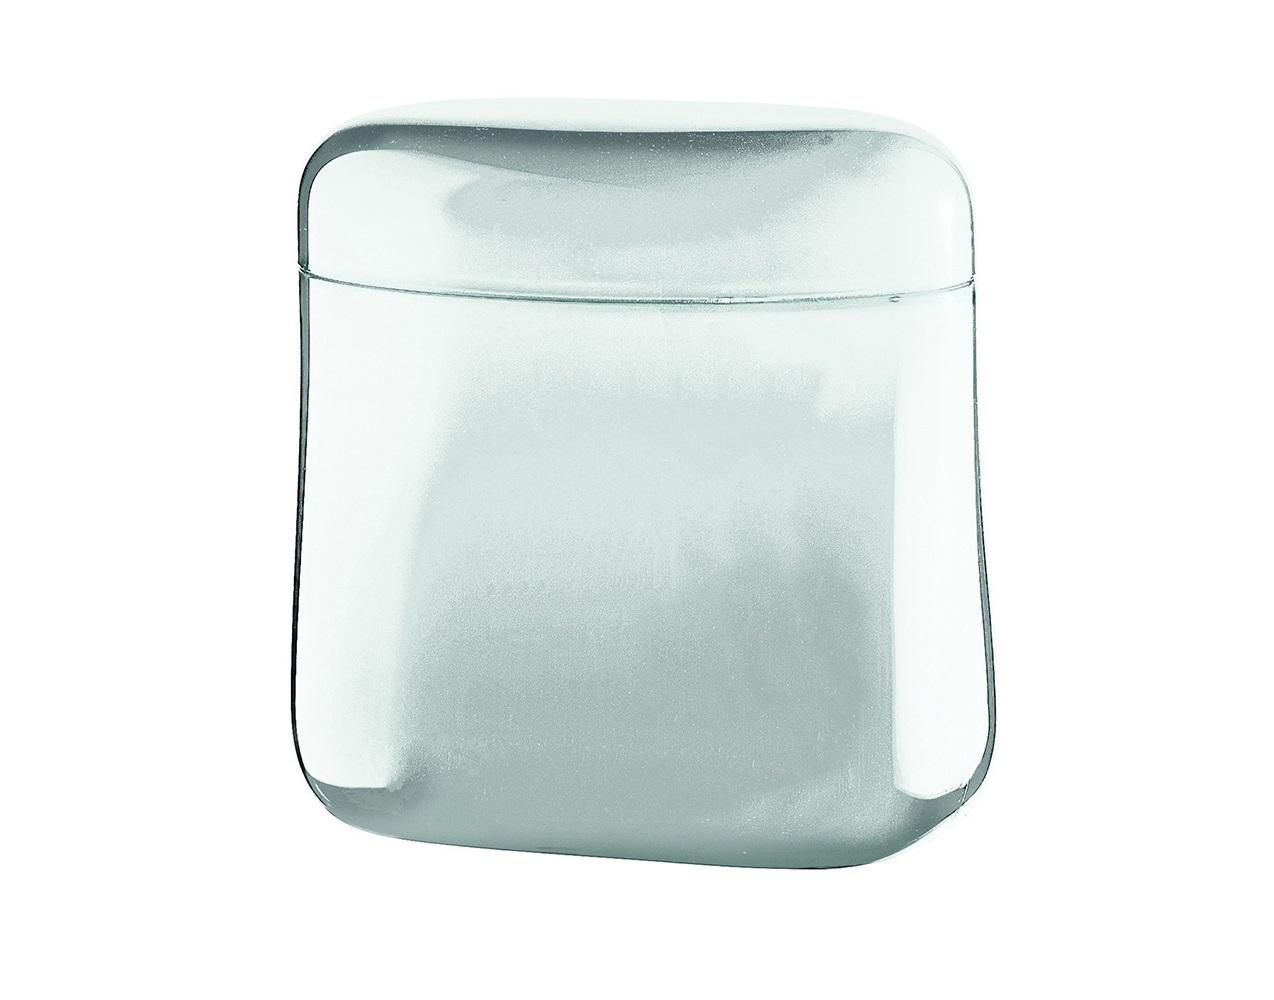 Банка для кофе GocceЕмкости для хранения<br>Банка Gocce создана специально для длительного хранения кофе. Она изготовлена из органического стекла со светонепроницаемым покрытием для защиты от преждевременного разрушения. Крышка банки плотно закрывается, что позволит надолго сохранить вкус и аромат кофе. Благодаря своей компактности, ёмкость не займет много места в шкафу и идеально поместится в дверце холодильника. При желании её можно использовать для хранения не только кофе, но и других сыпучих продуктов.&amp;lt;div&amp;gt;&amp;lt;br&amp;gt;&amp;lt;/div&amp;gt;&amp;lt;div&amp;gt;Объем 700 мл.&amp;amp;nbsp;&amp;lt;/div&amp;gt;&amp;lt;div&amp;gt;Пригодна для мытья в посудомоечной машине.&amp;lt;/div&amp;gt;<br><br>Material: Стекло<br>Width см: 14<br>Depth см: 8<br>Height см: 14,5